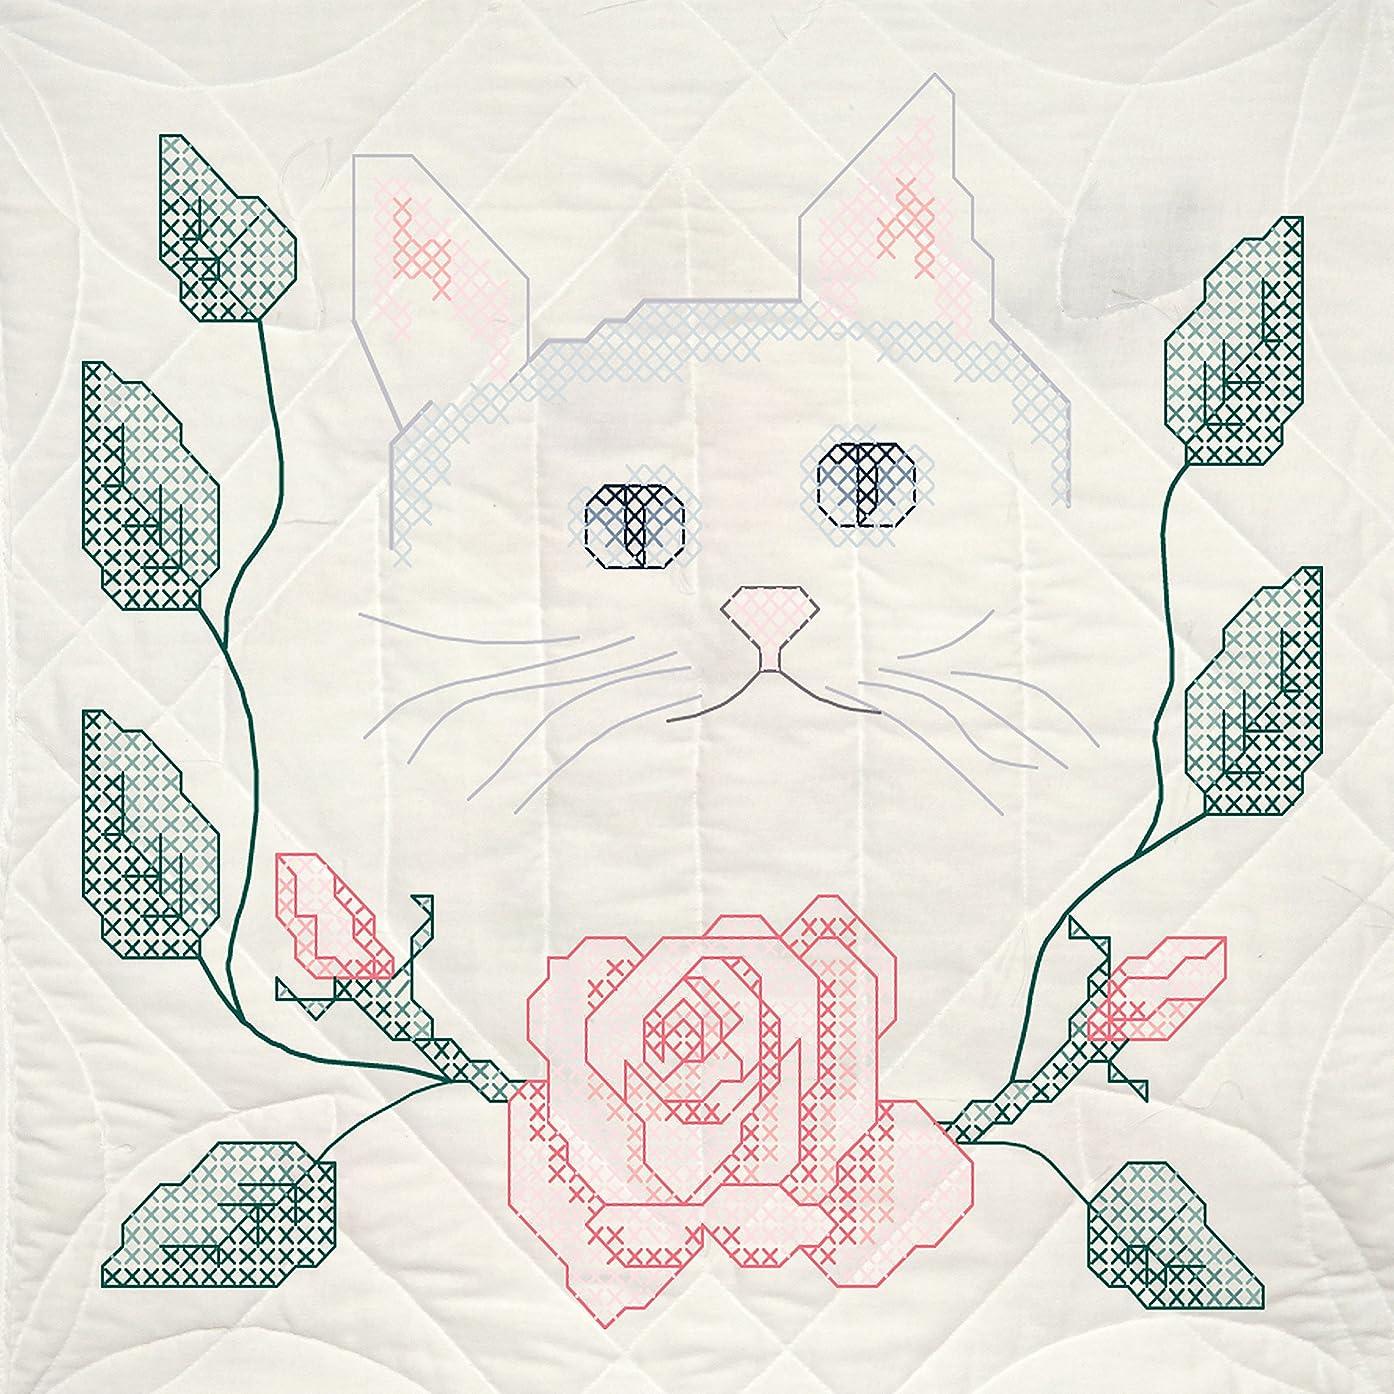 Fairway Needlecraft 90205Quilt Blocks, Cat and Rose Design, White, 6 Blocks Per Set